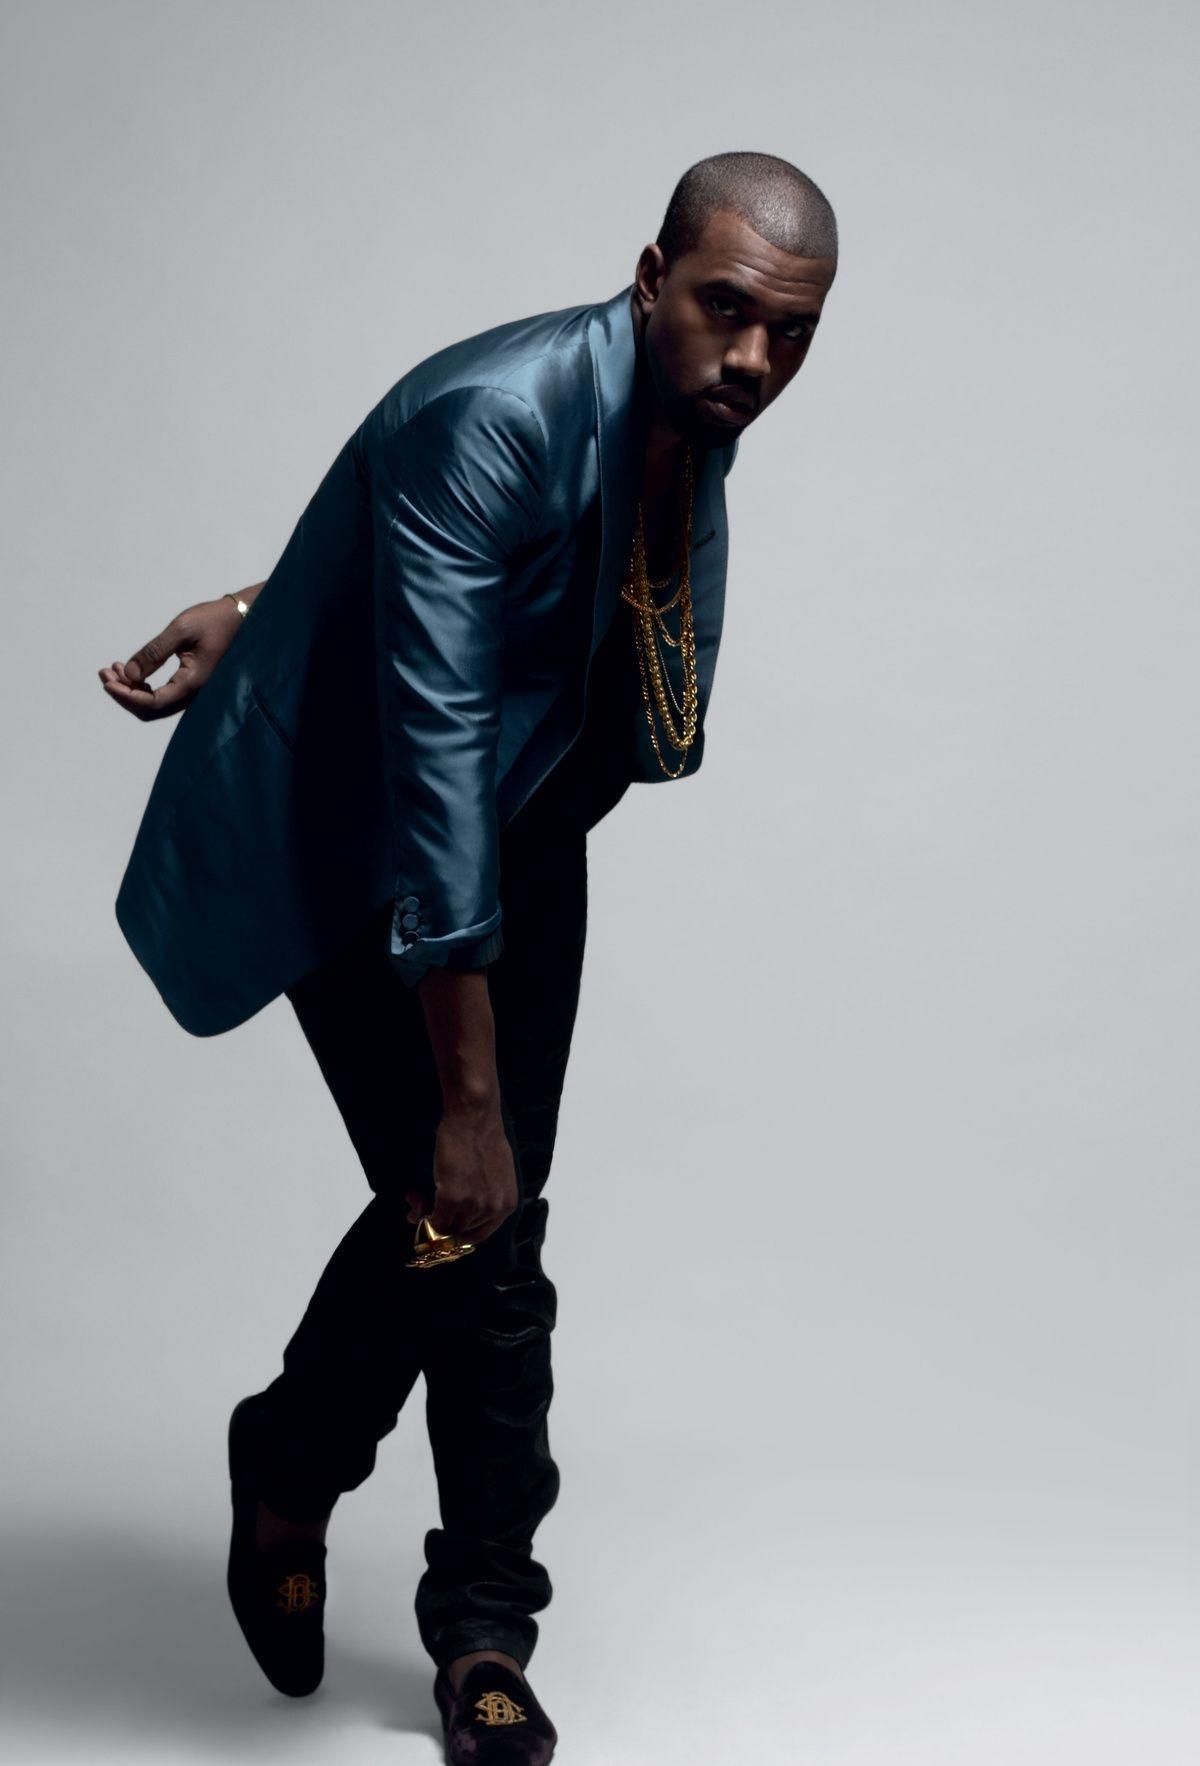 Impress - Kanye West | Pinterest | Kanye west jacket, Kanye west and ...